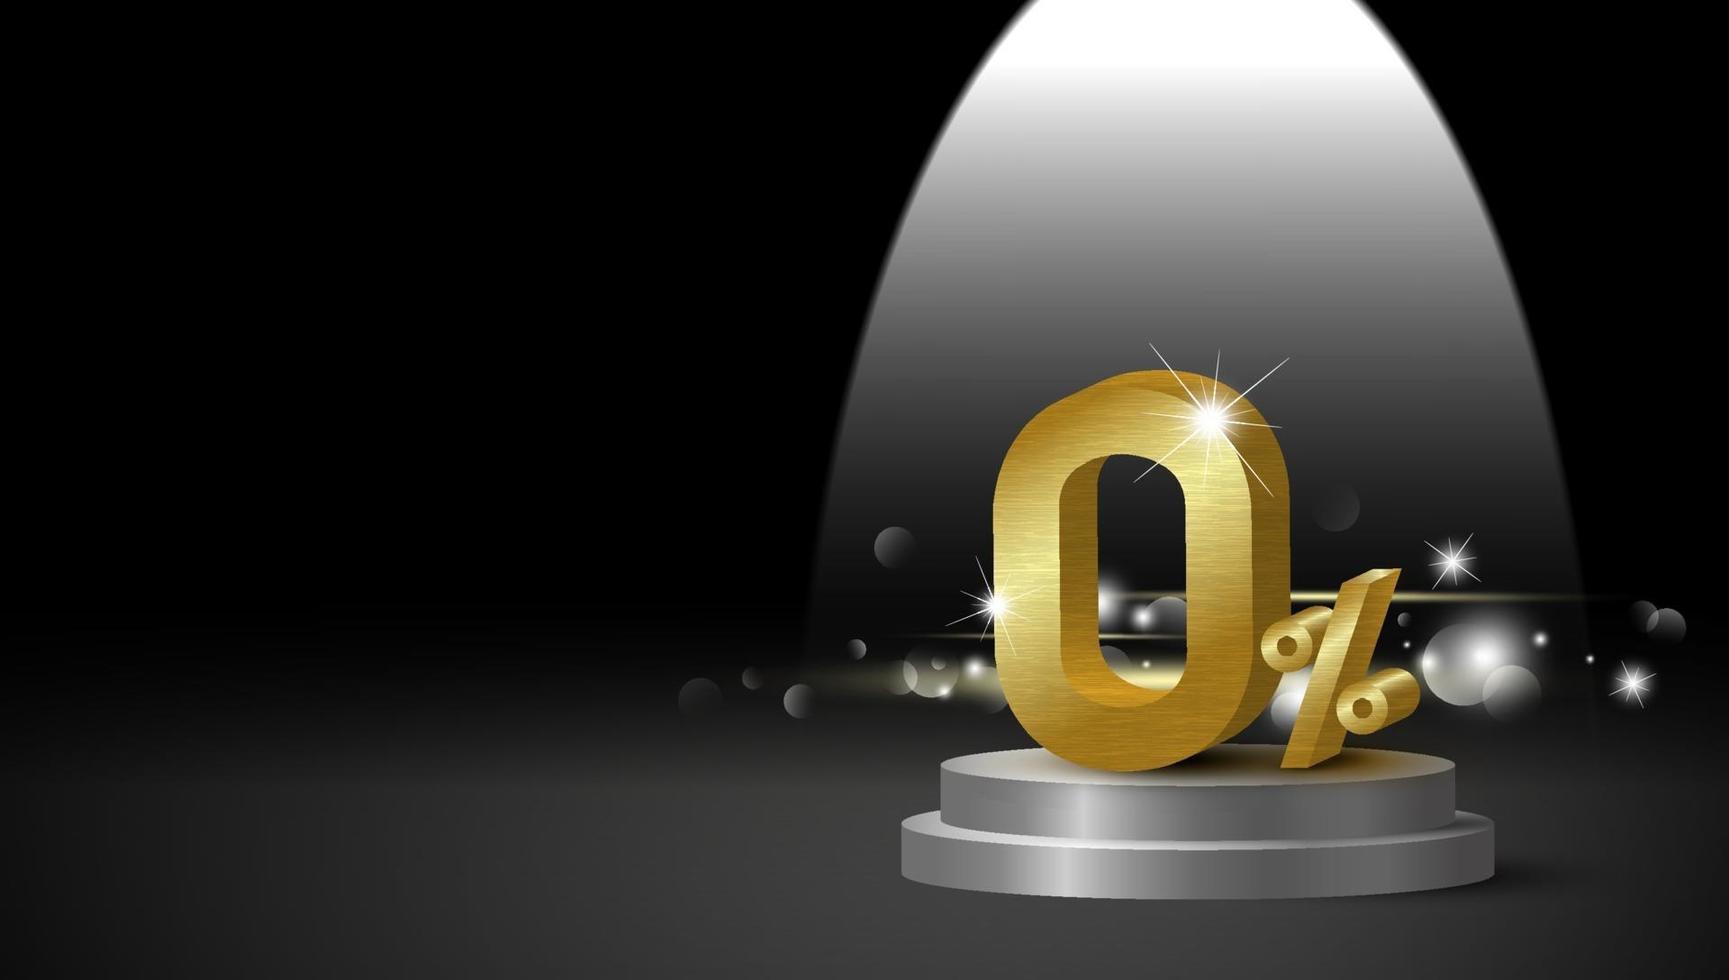 Oro metal cero por ciento sobre fondo negro con copia espacio ilustración vectorial 3d vector